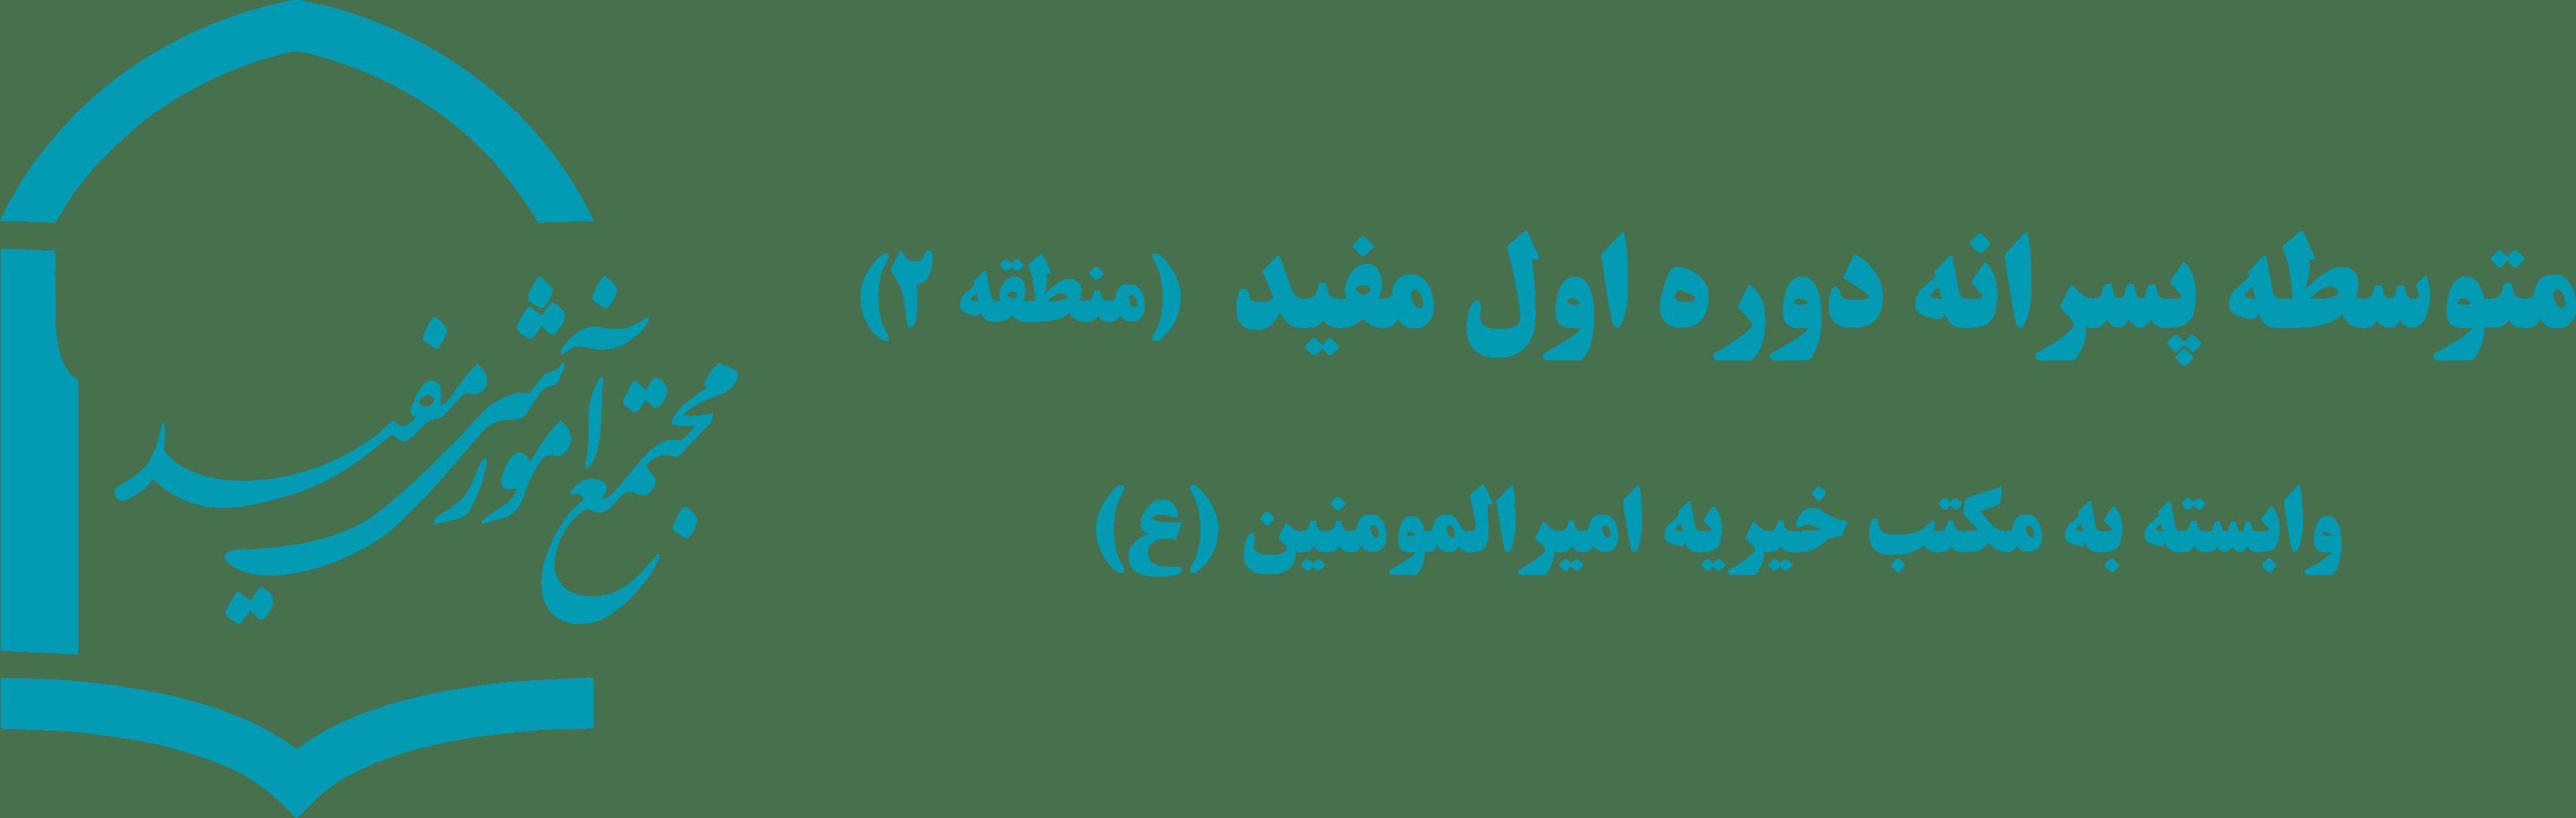 متوسطه دوره اول پسرانه مفید ( یادگار امام (ره))